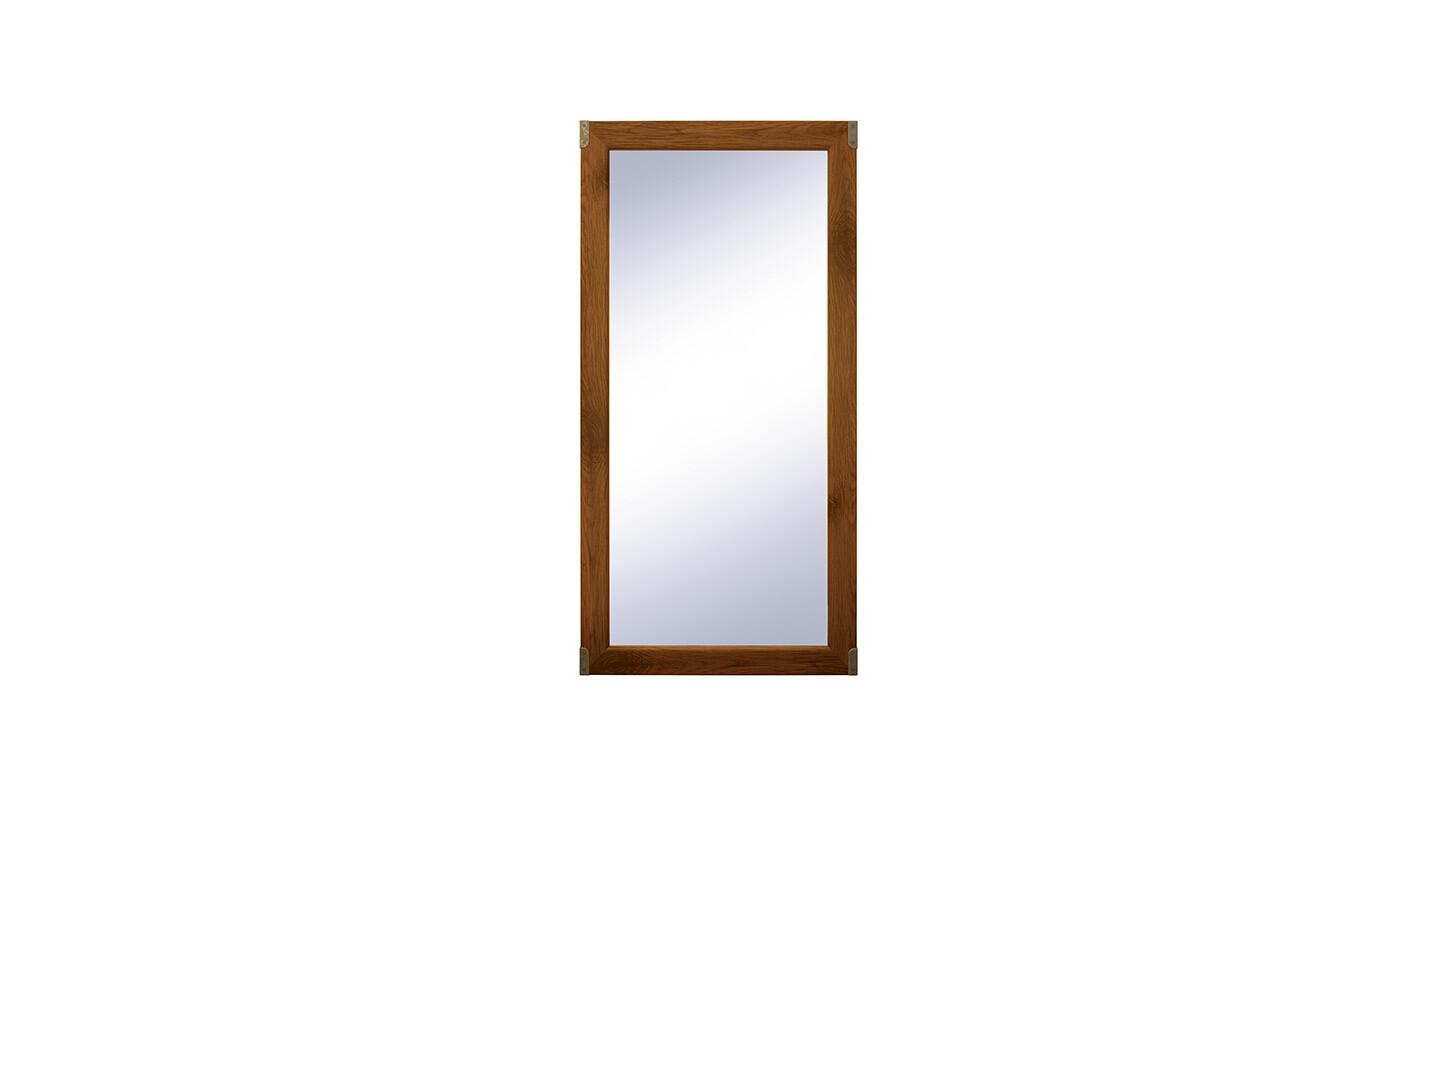 Zrkadlo INDIANA JLUS 50 dub sutter